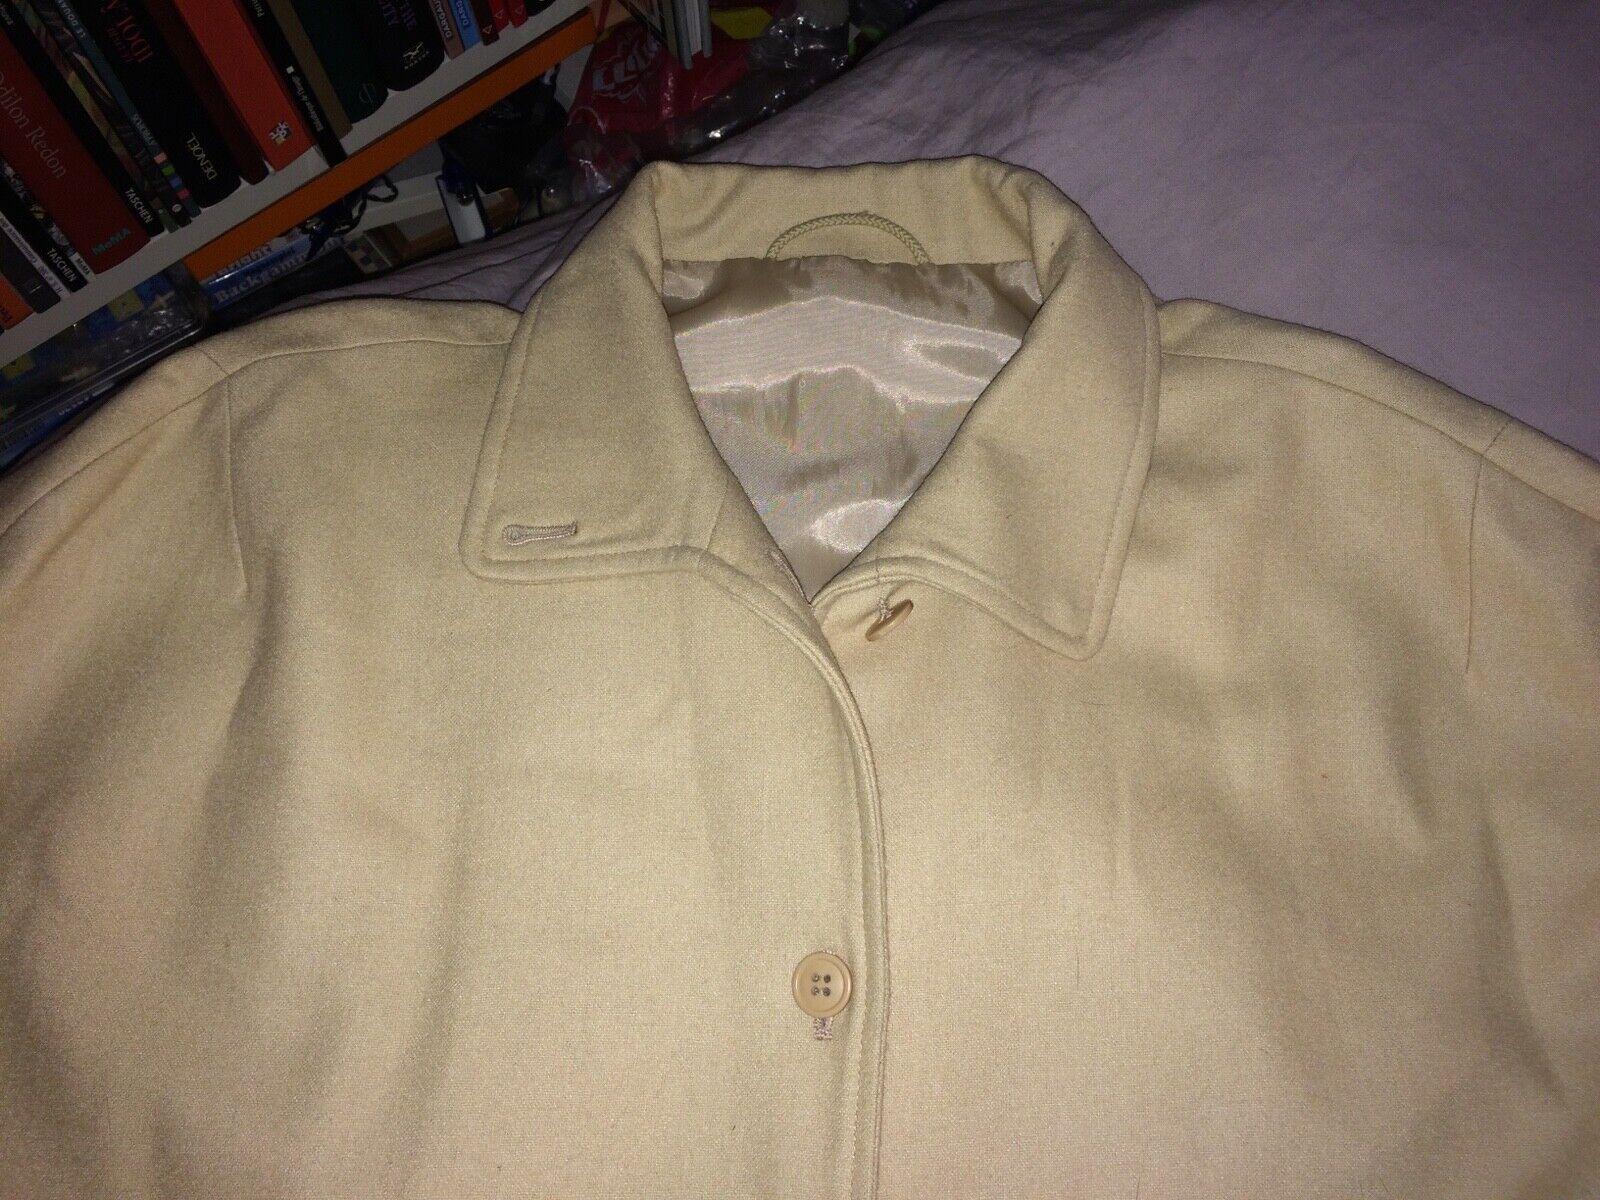 Burberry cape manteau laine camel beige m l 40 42 robe veste top 8 10 miu vintag